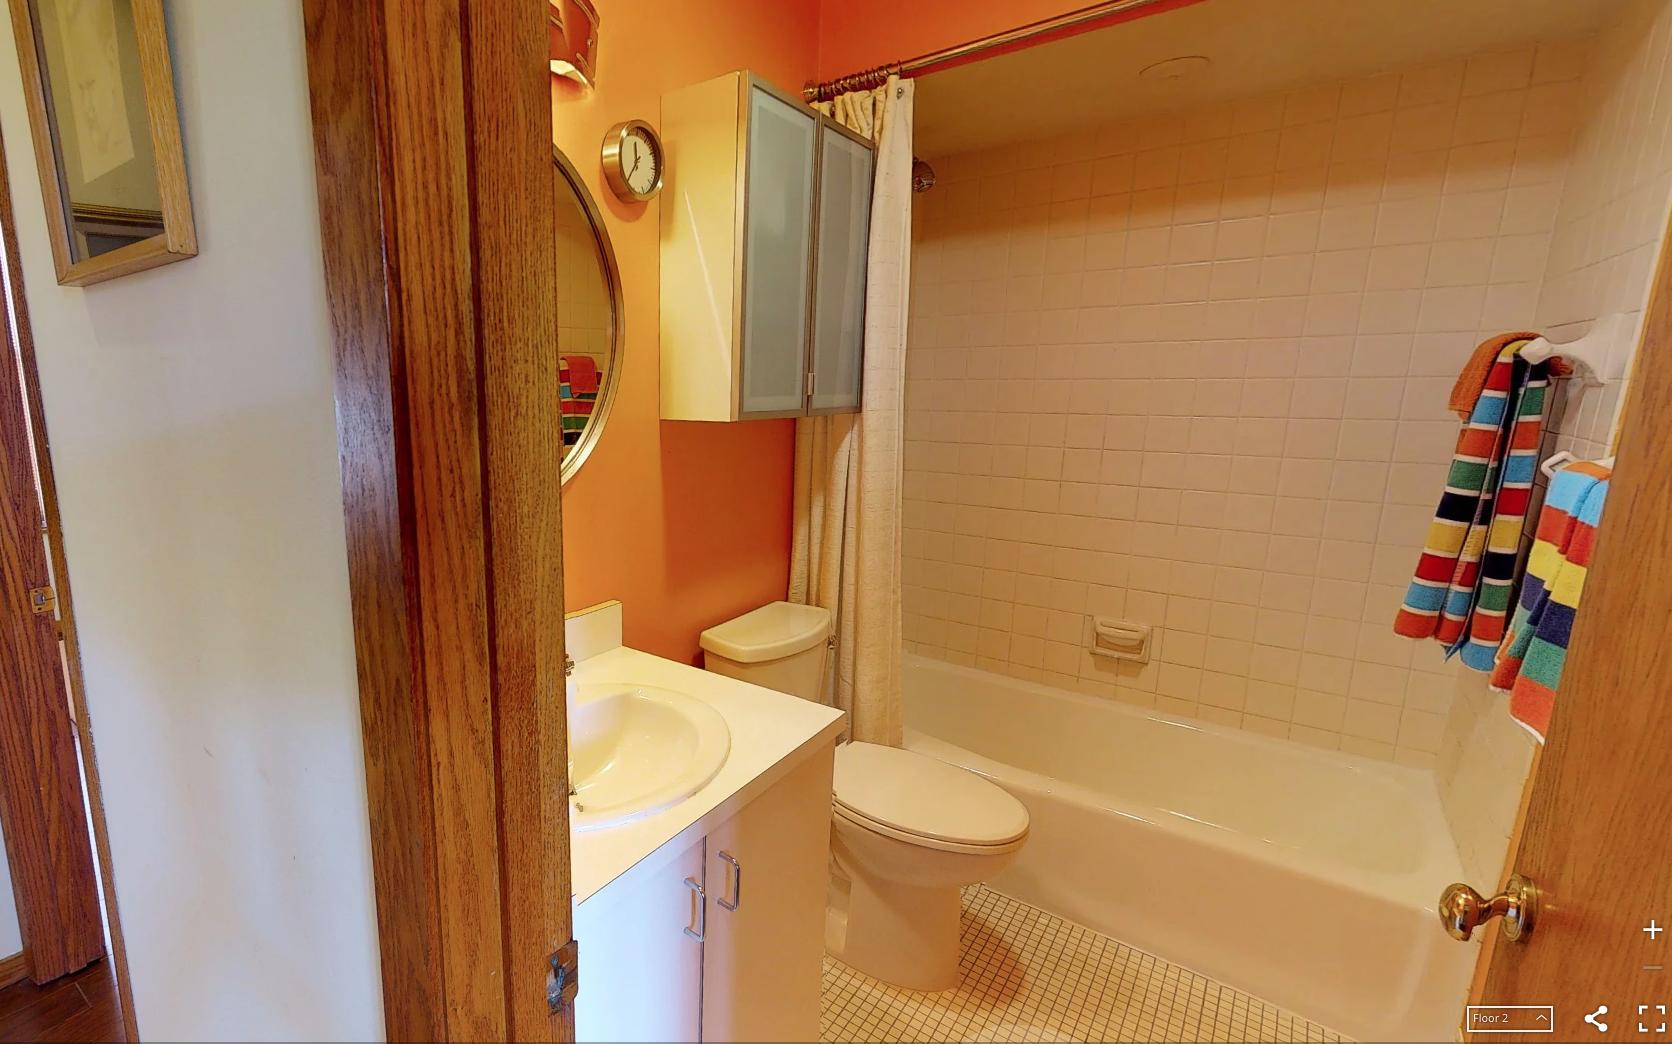 Before orange bathroom remodel